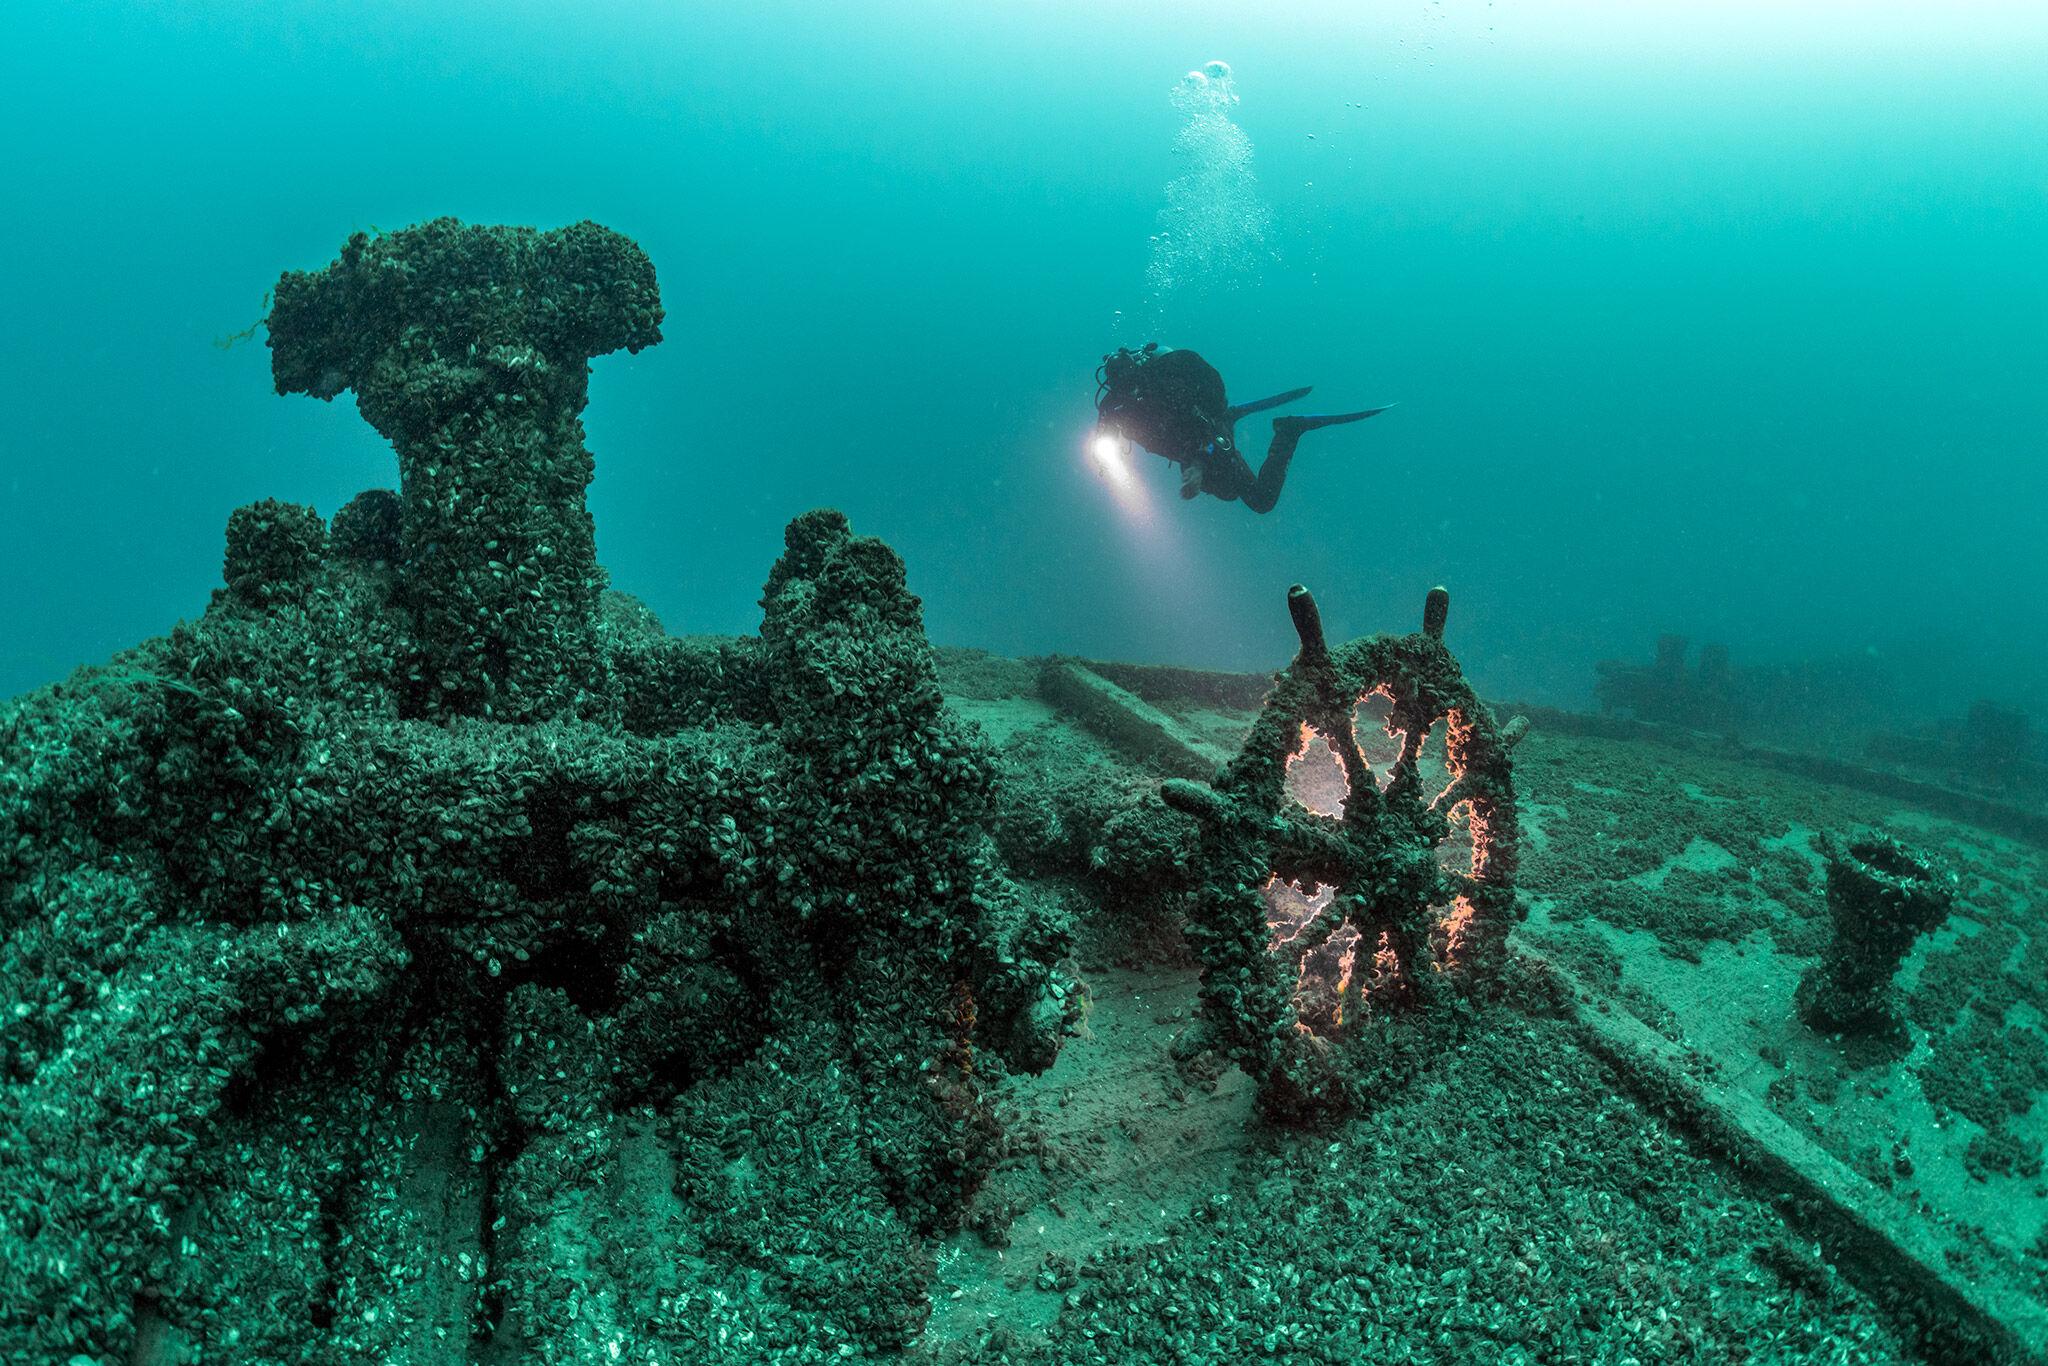 Vraget af William Young, Straits of Mackinac, USA